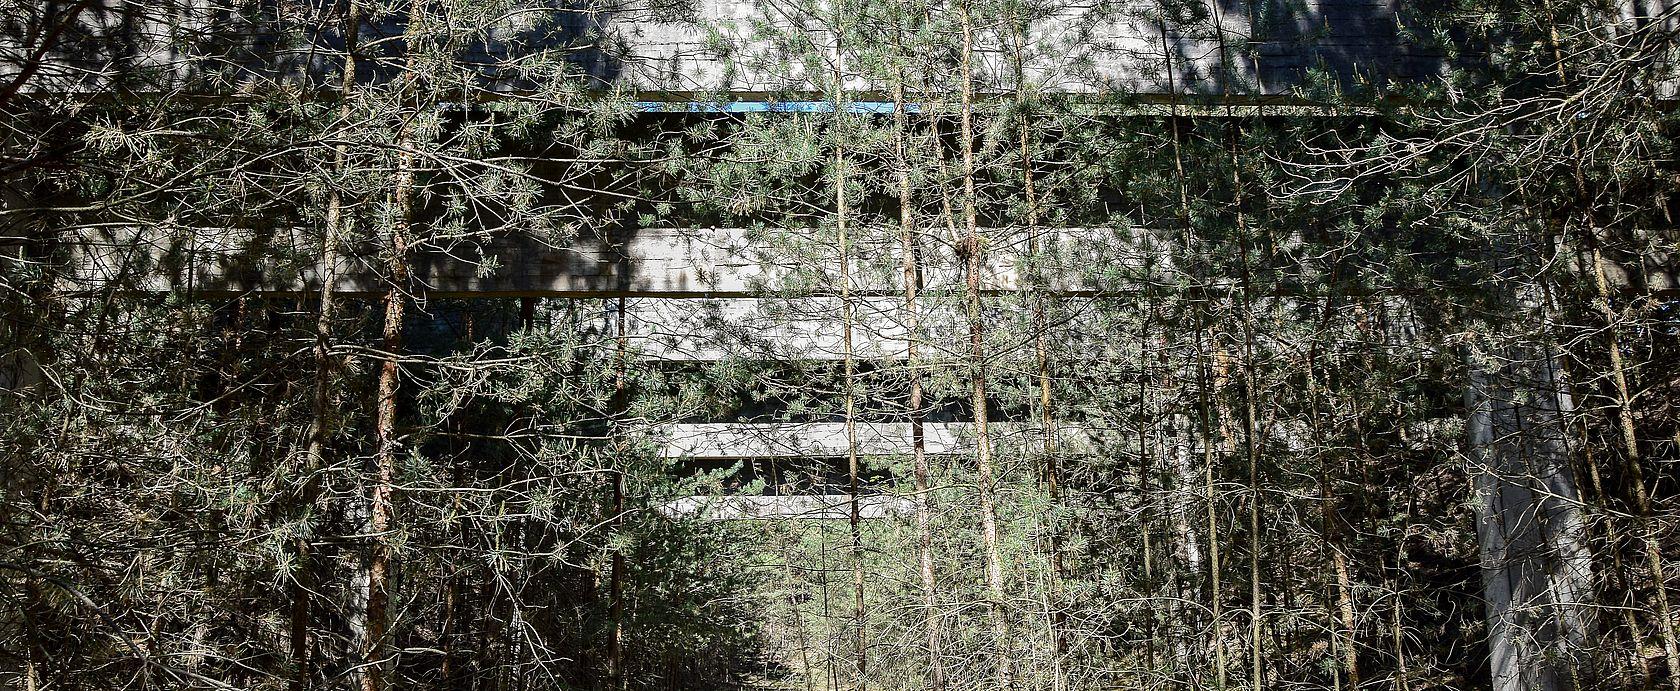 Kugelfangbrücken im Wald